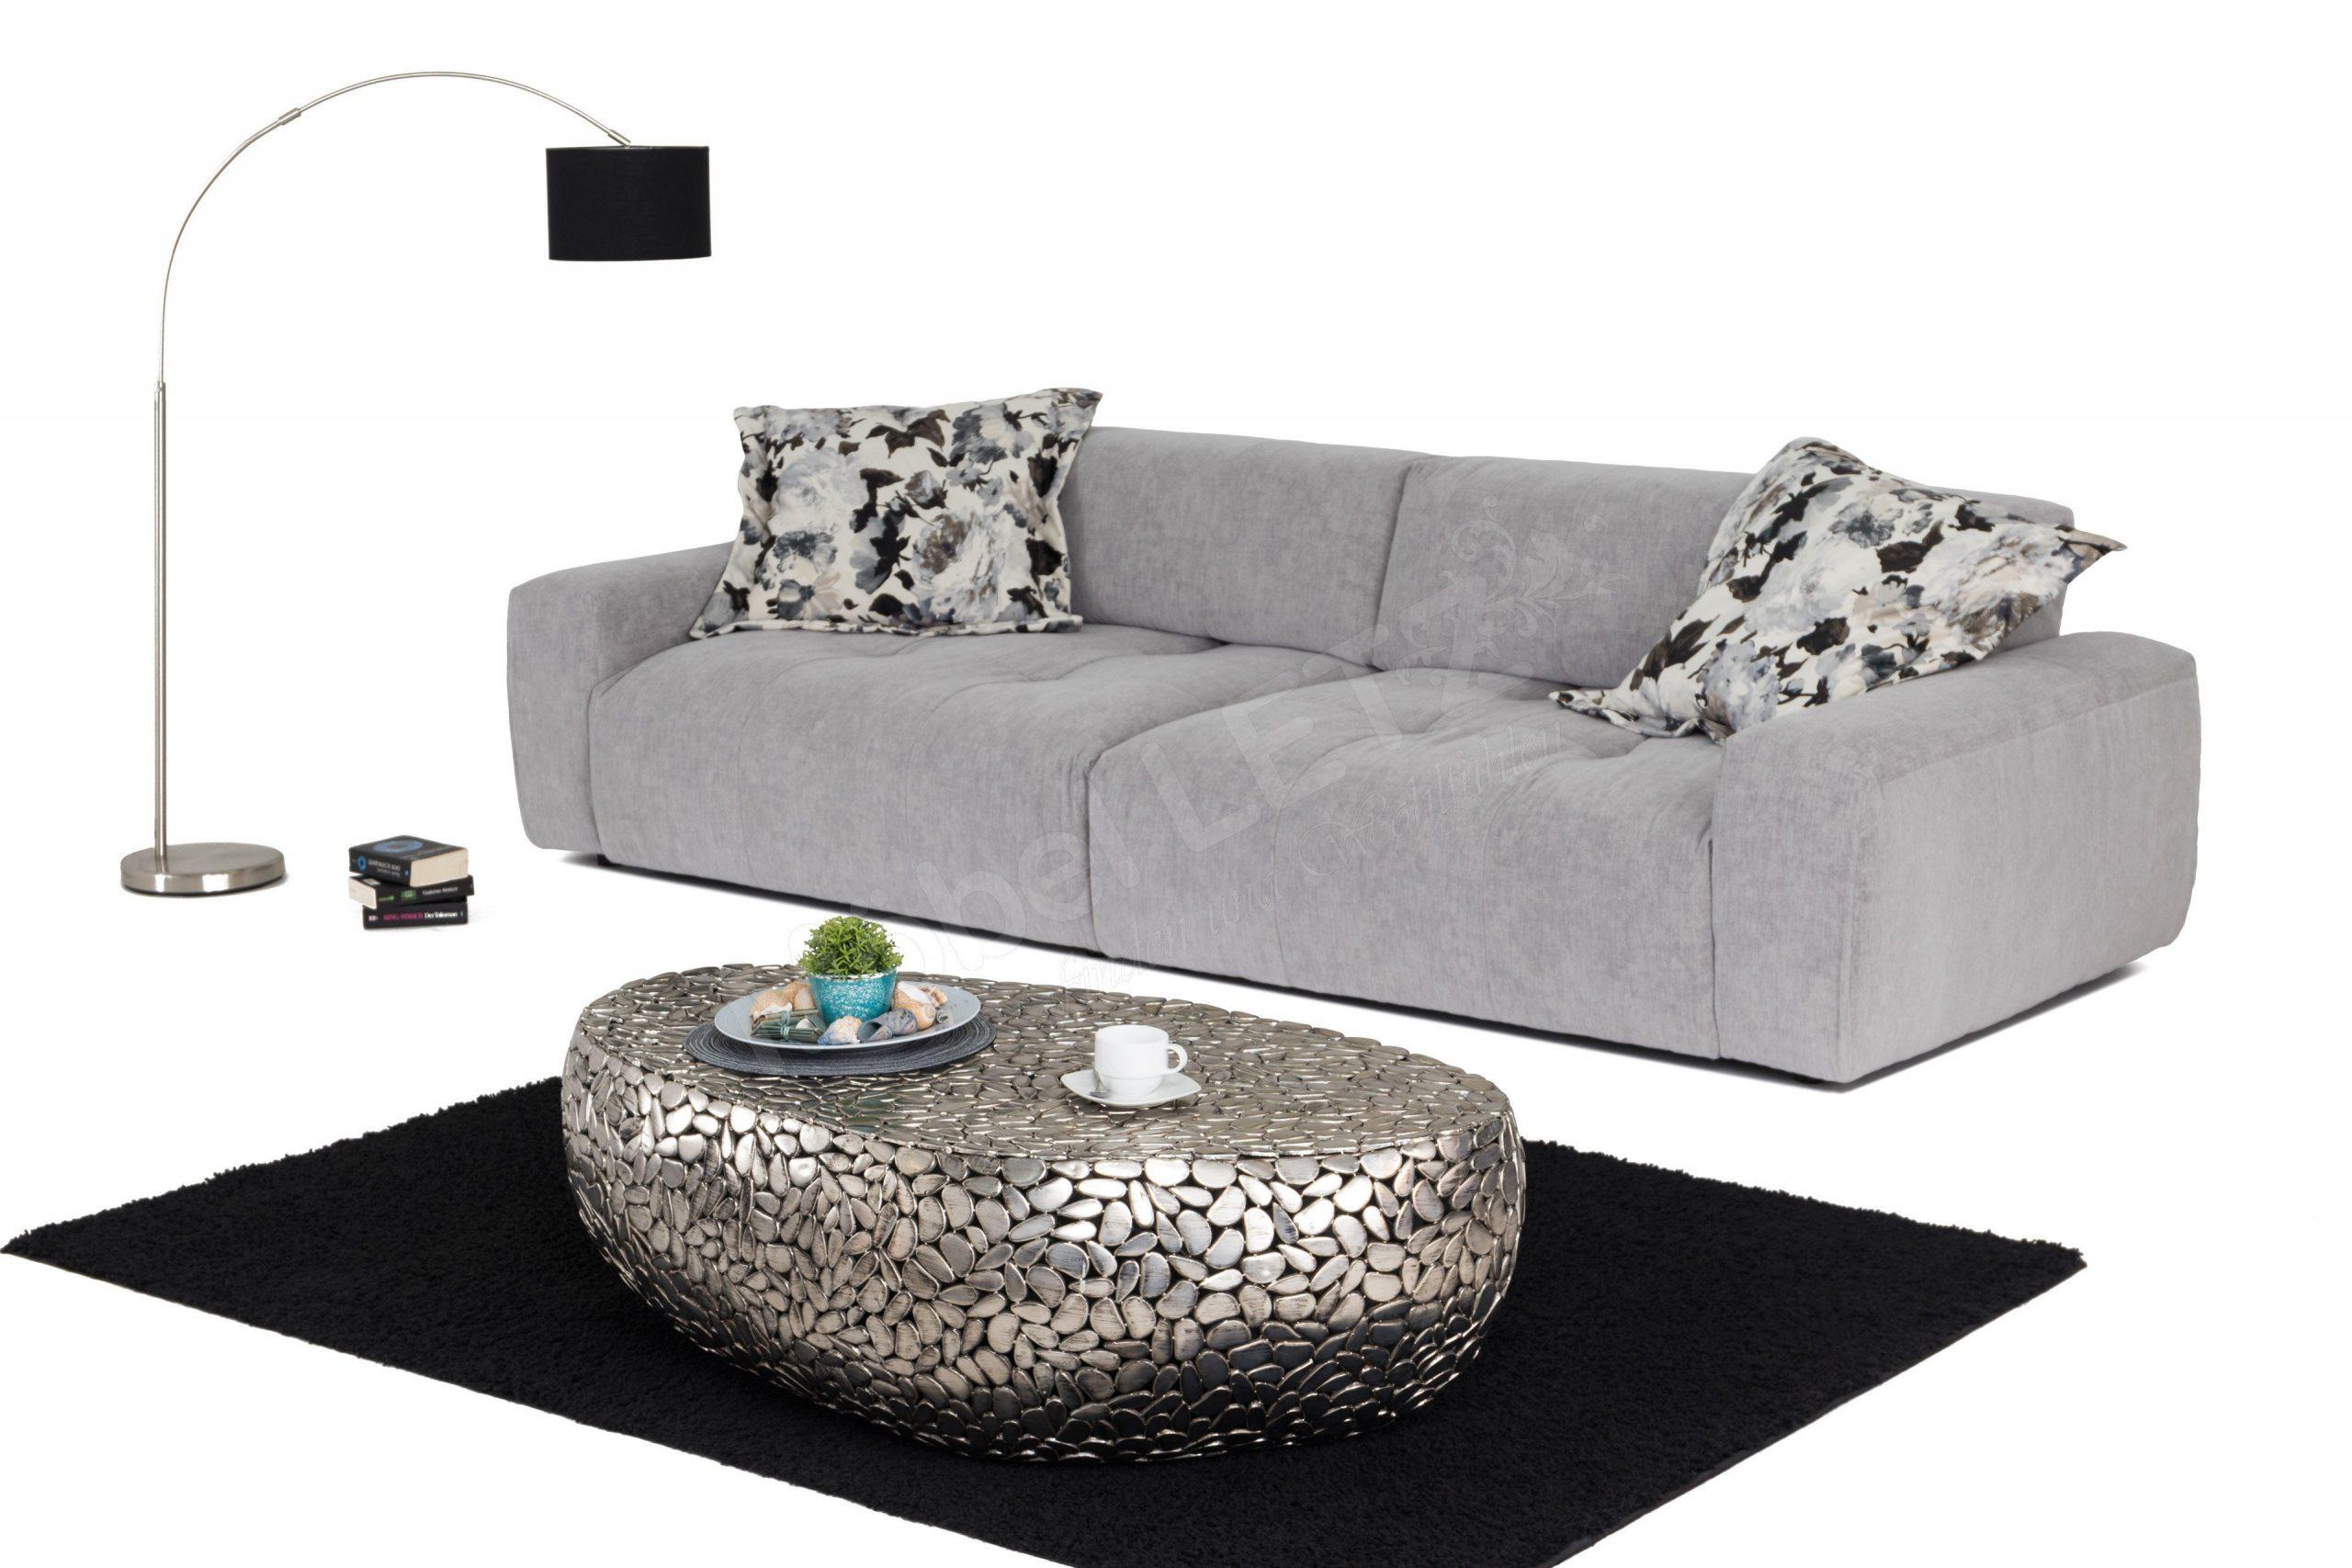 Full Size of Place Von Candy Big Sofa Light Grey Sofas Couches Online Kaufen 3 Sitzer Cognac Neu Beziehen Lassen Verkaufen 2 1 Mit Relaxfunktion Schlaffunktion Kunstleder Sofa Big Sofa Günstig